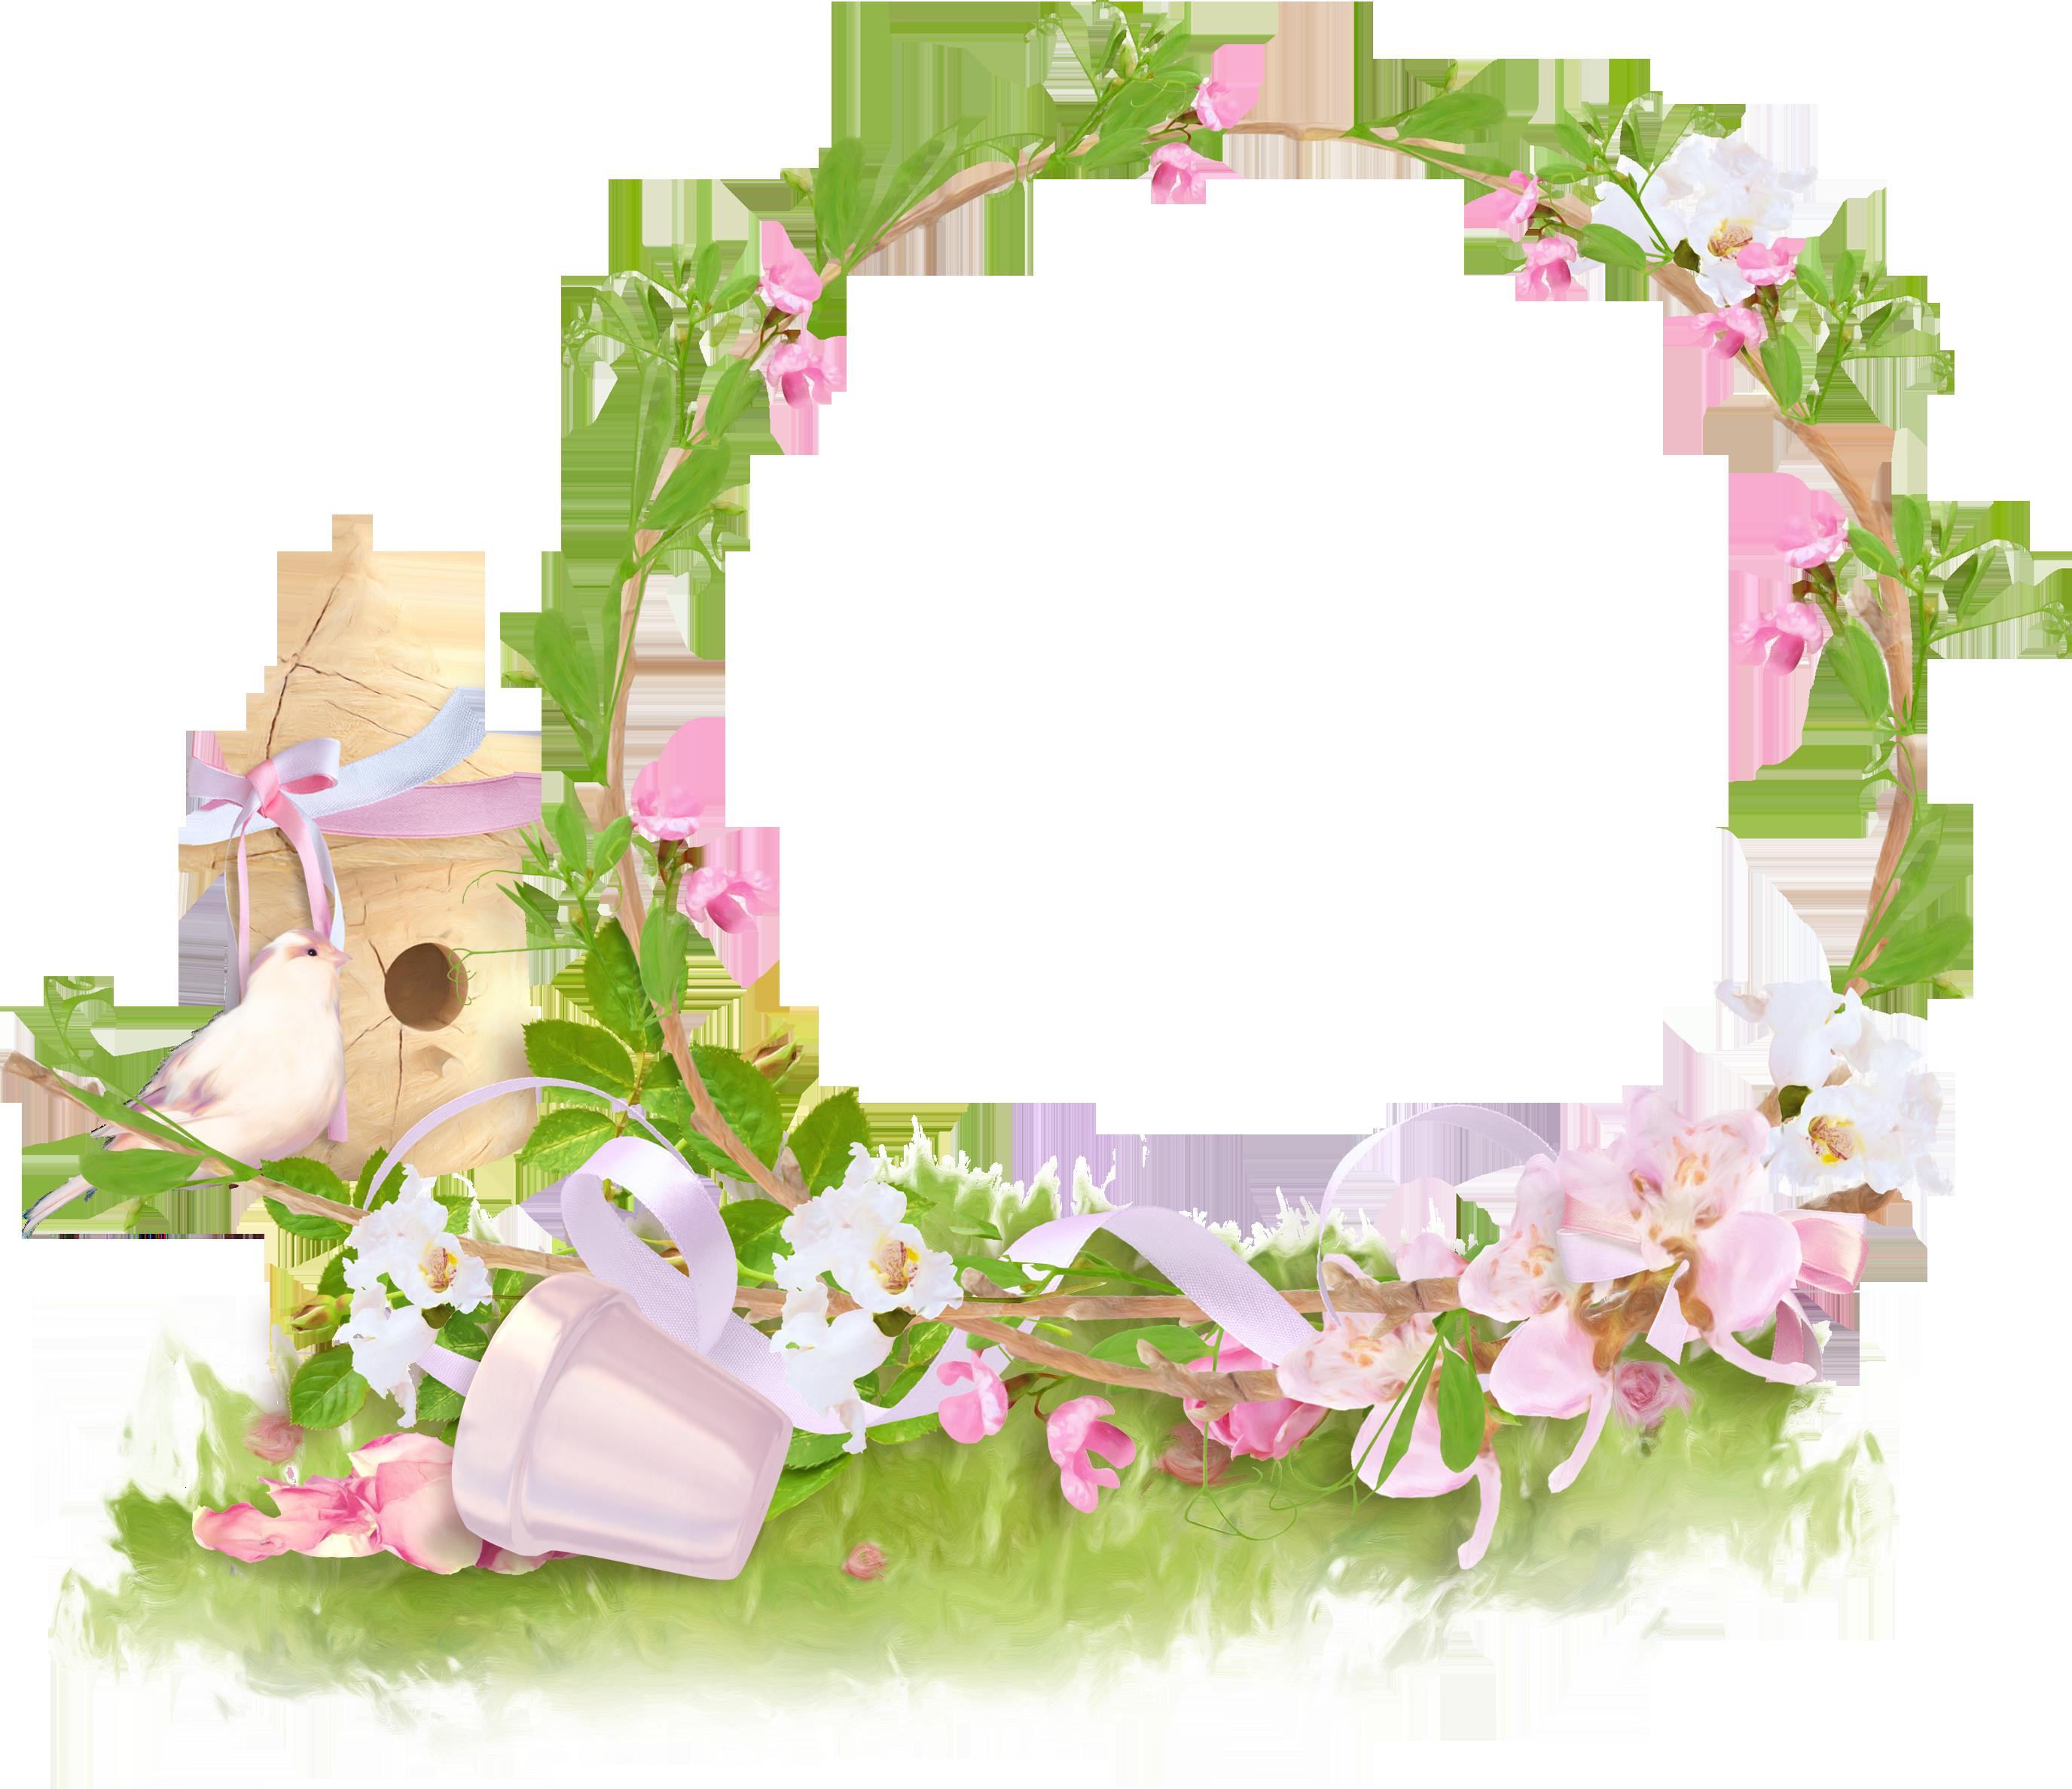 نتيجة بحث الصور عن براويز ورود للتصميم Watercolor Flowers Paintings Flower Painting Watercolor Flowers